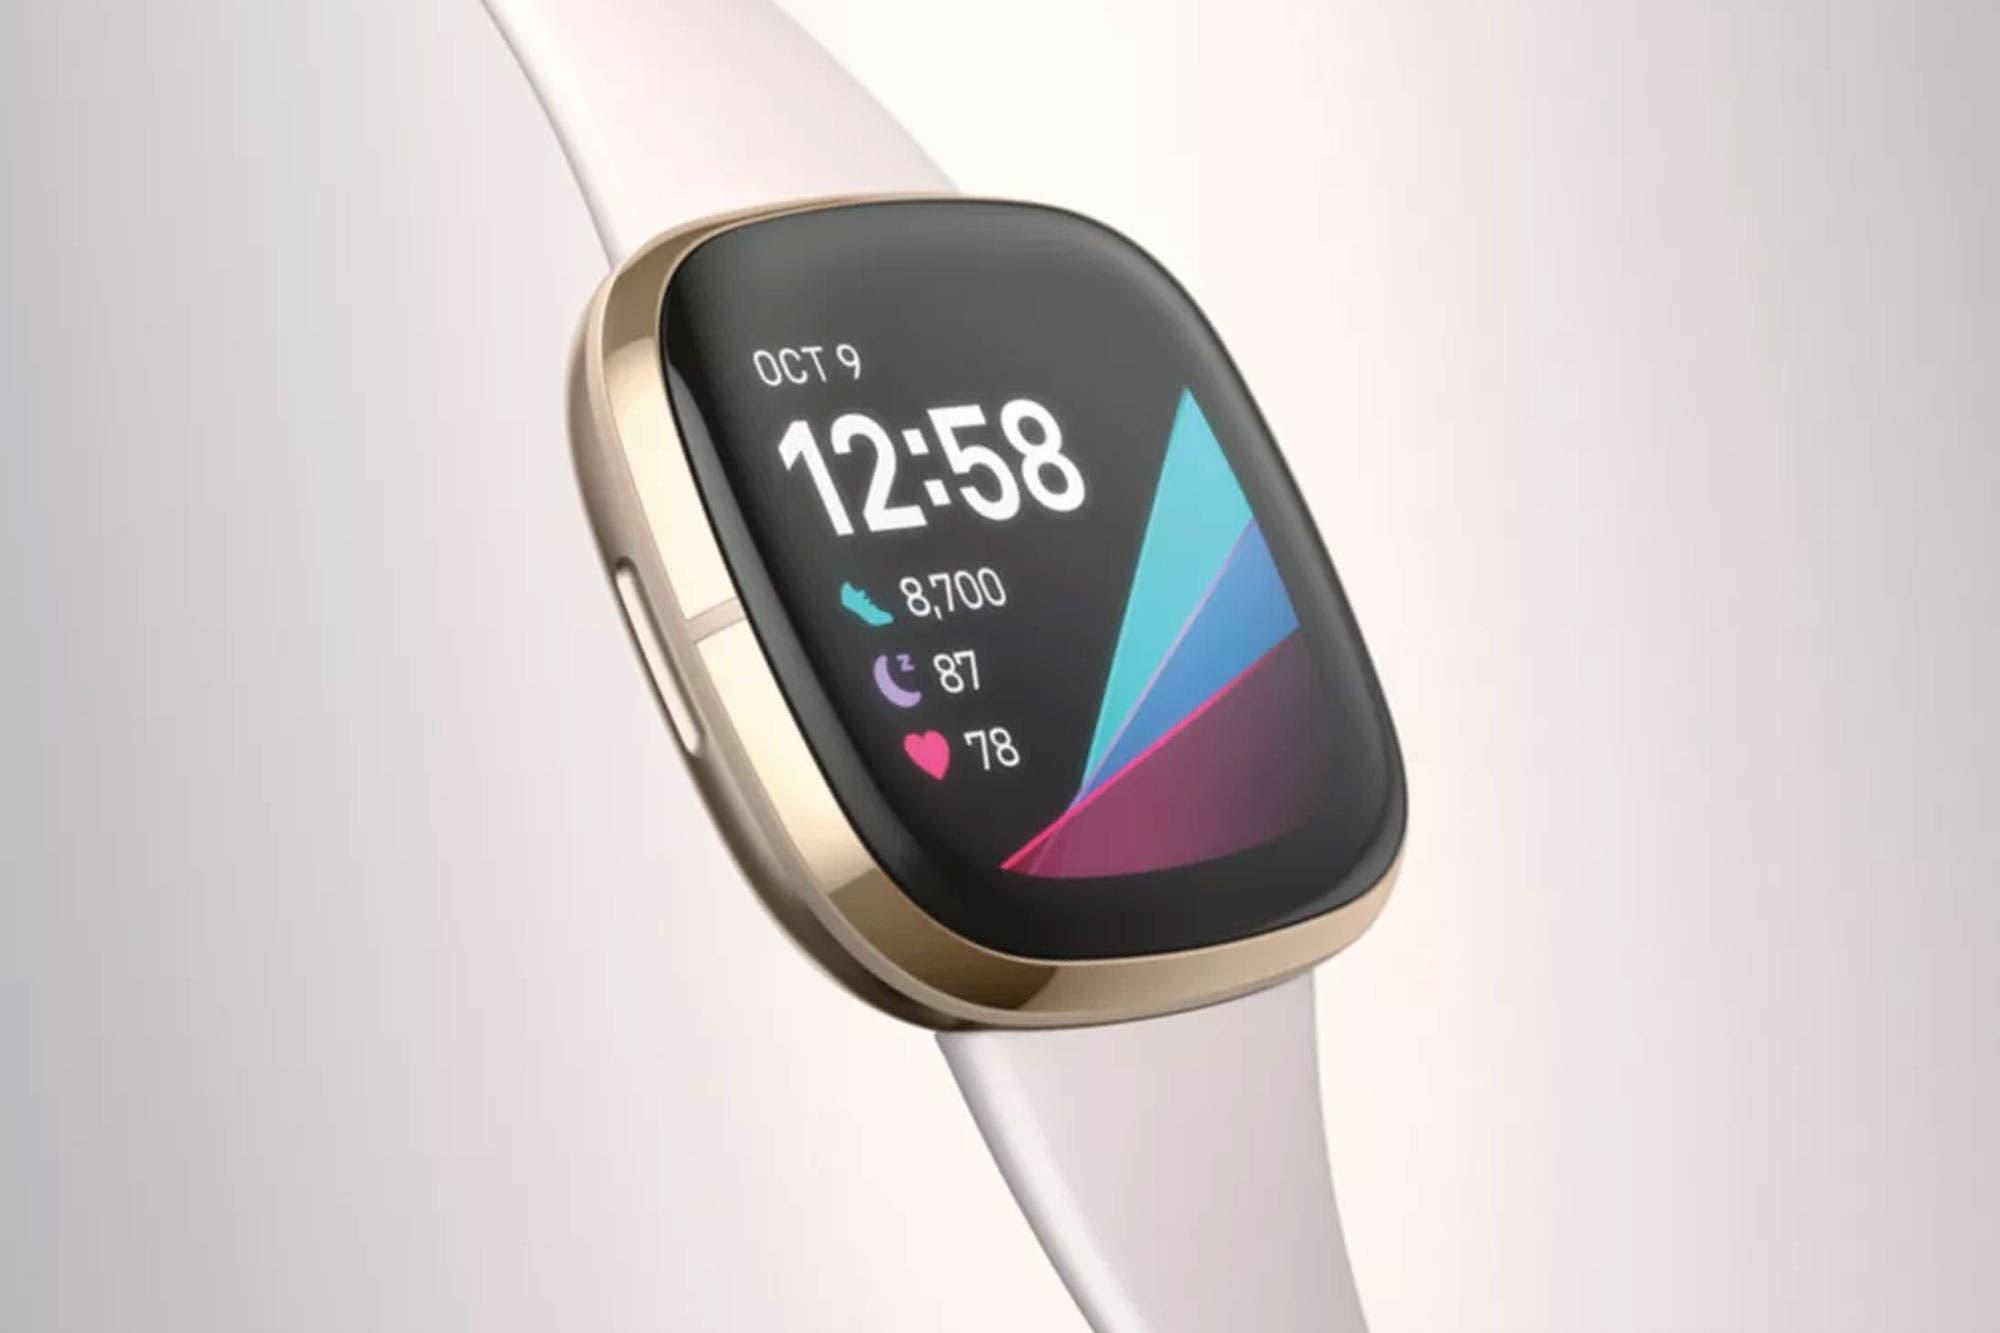 Fitbit Sense, Versa 3 e Inspire 2: así son los nuevos relojes inteligentes con GPS, ECG y más sensores